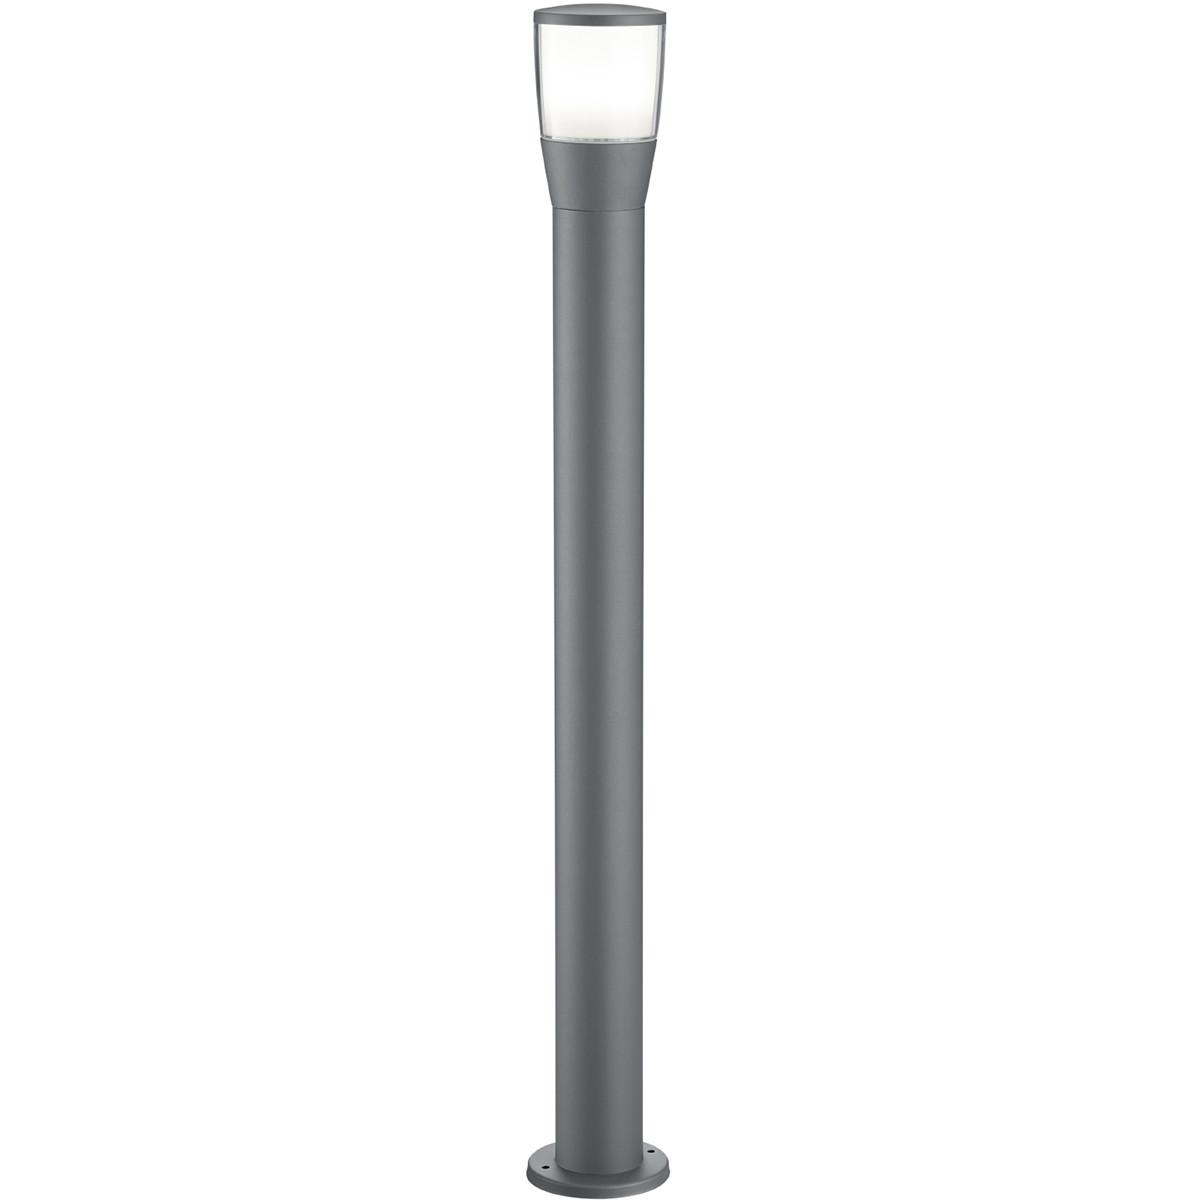 LED Tuinverlichting - Buitenlamp - Trion Shanila XL - Staand - 7W - Mat Zwart - Aluminium